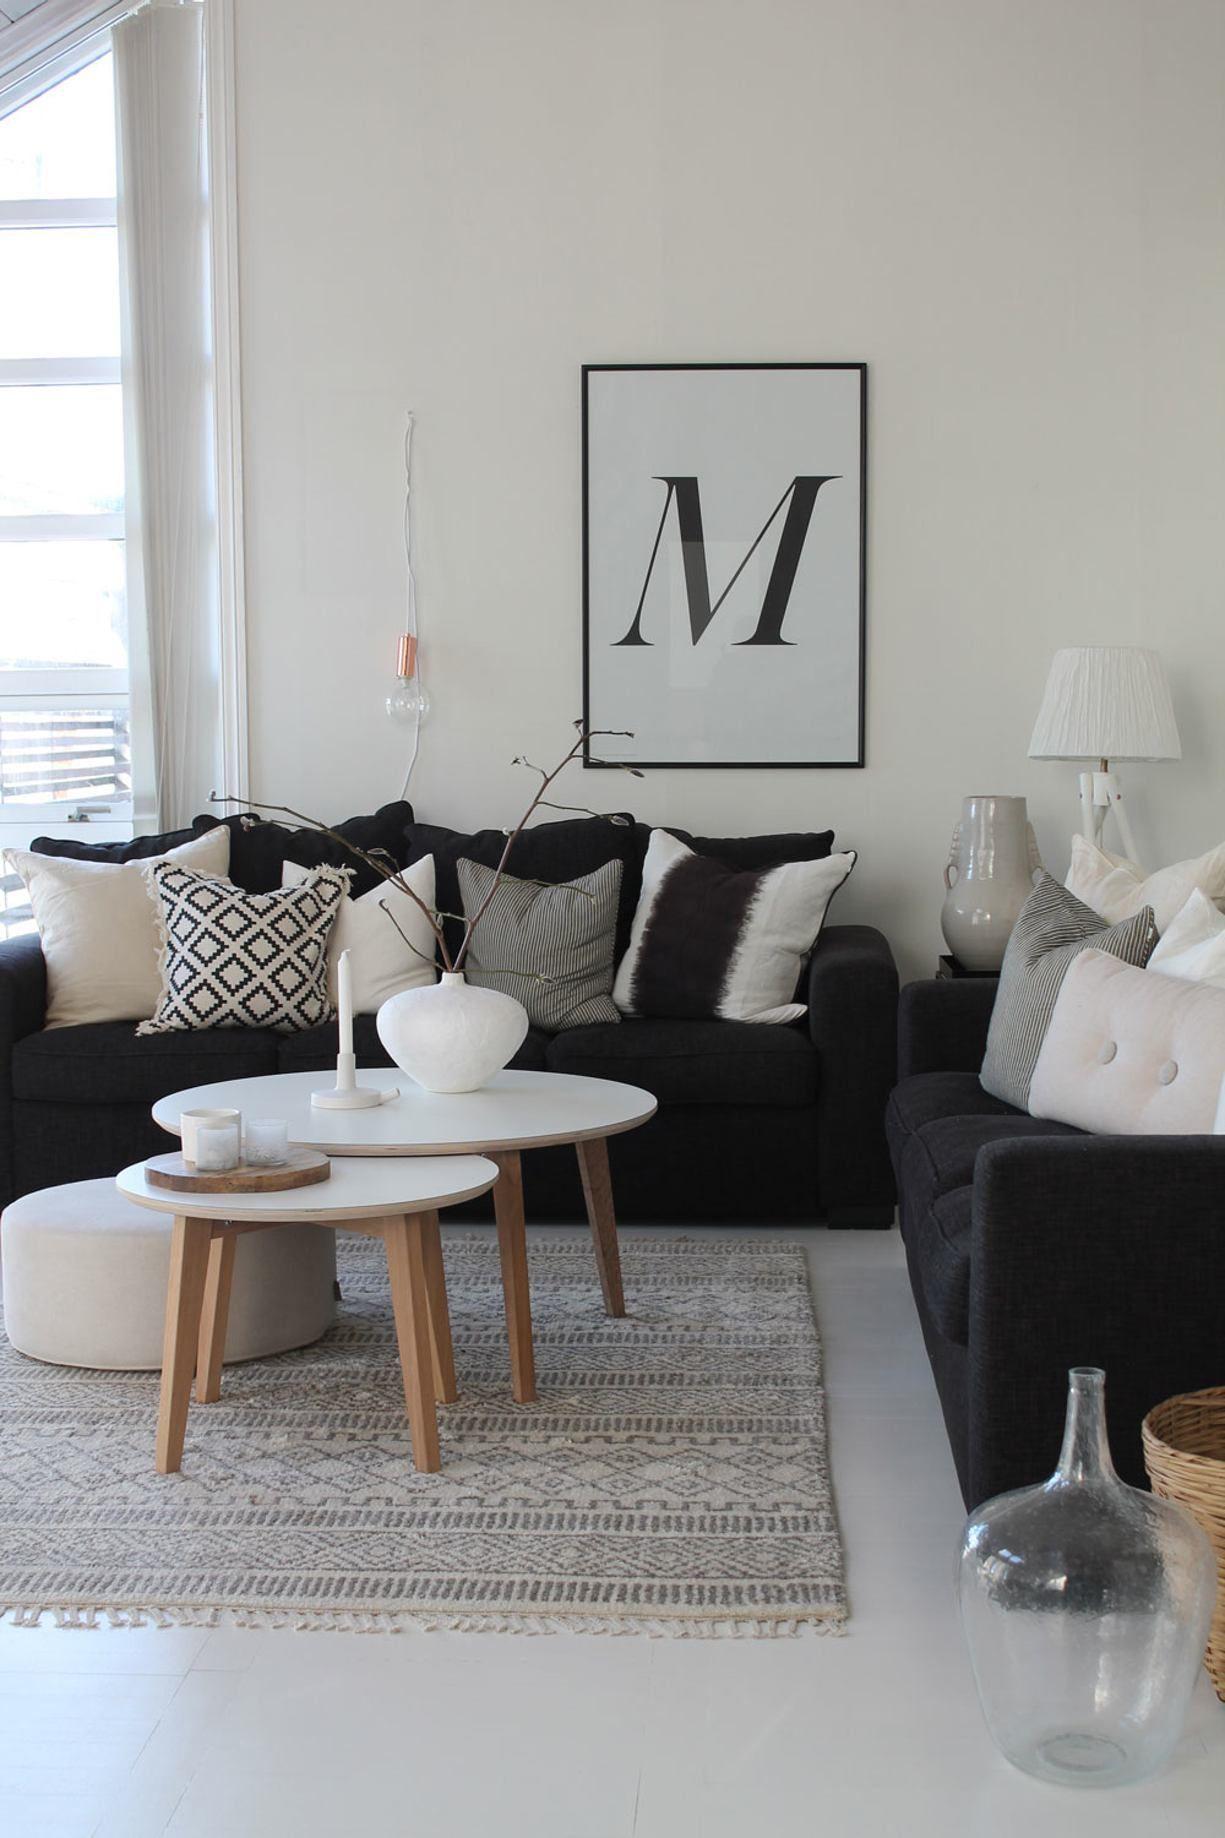 Am1 Jpg 1 225ã 1 838 Pixels Black Sofa Living Room Decor B